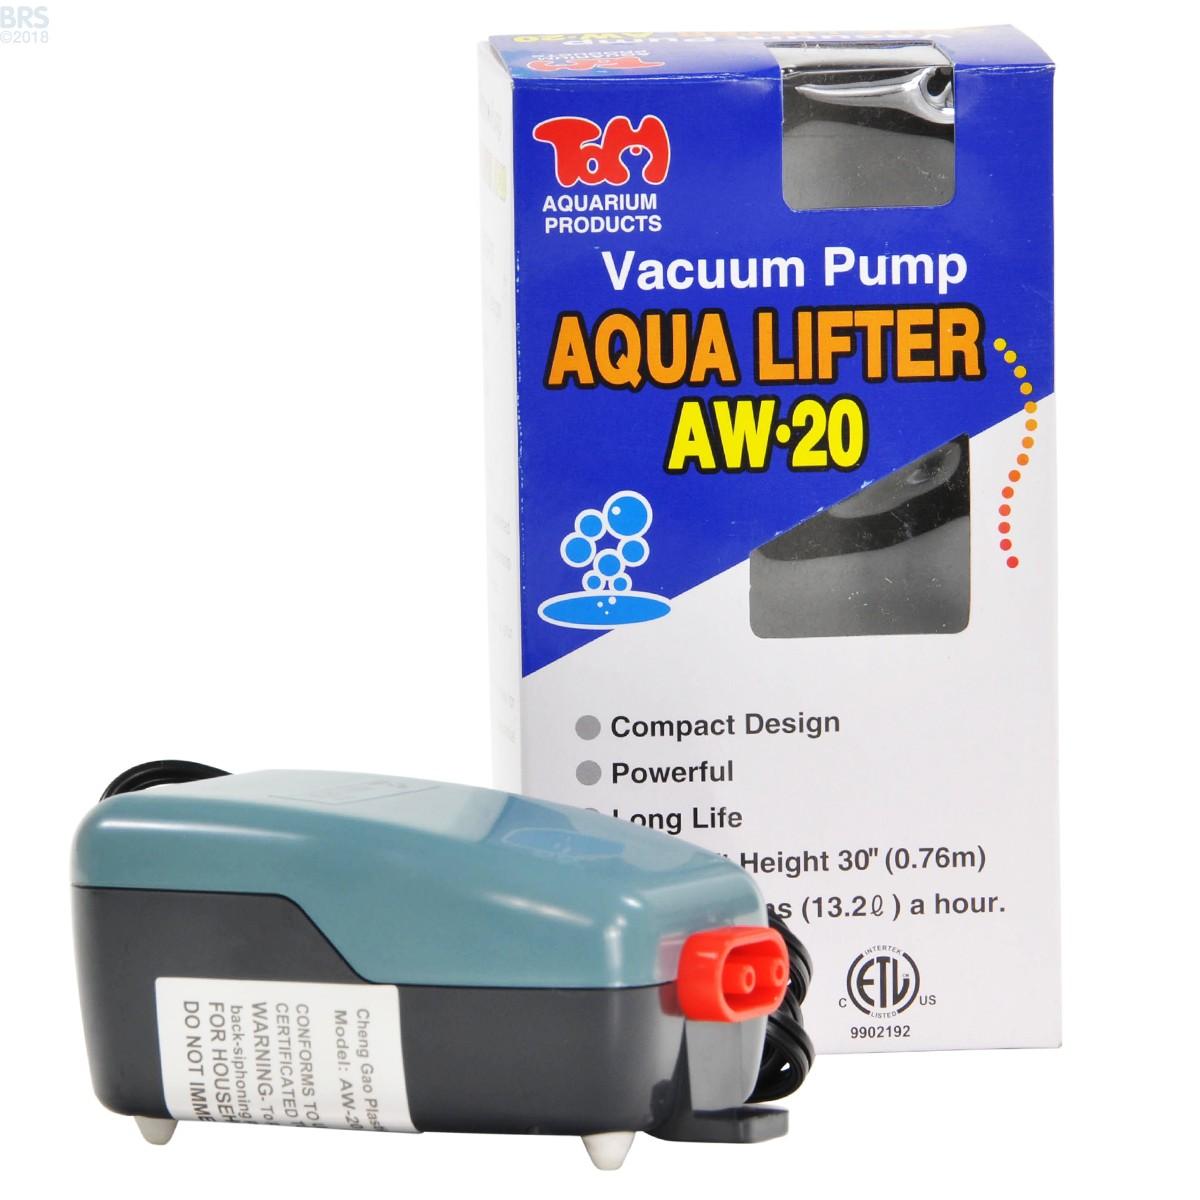 Aqua Lifter Vacuum Pump Tom S Aquatics Bulk Reef Supply